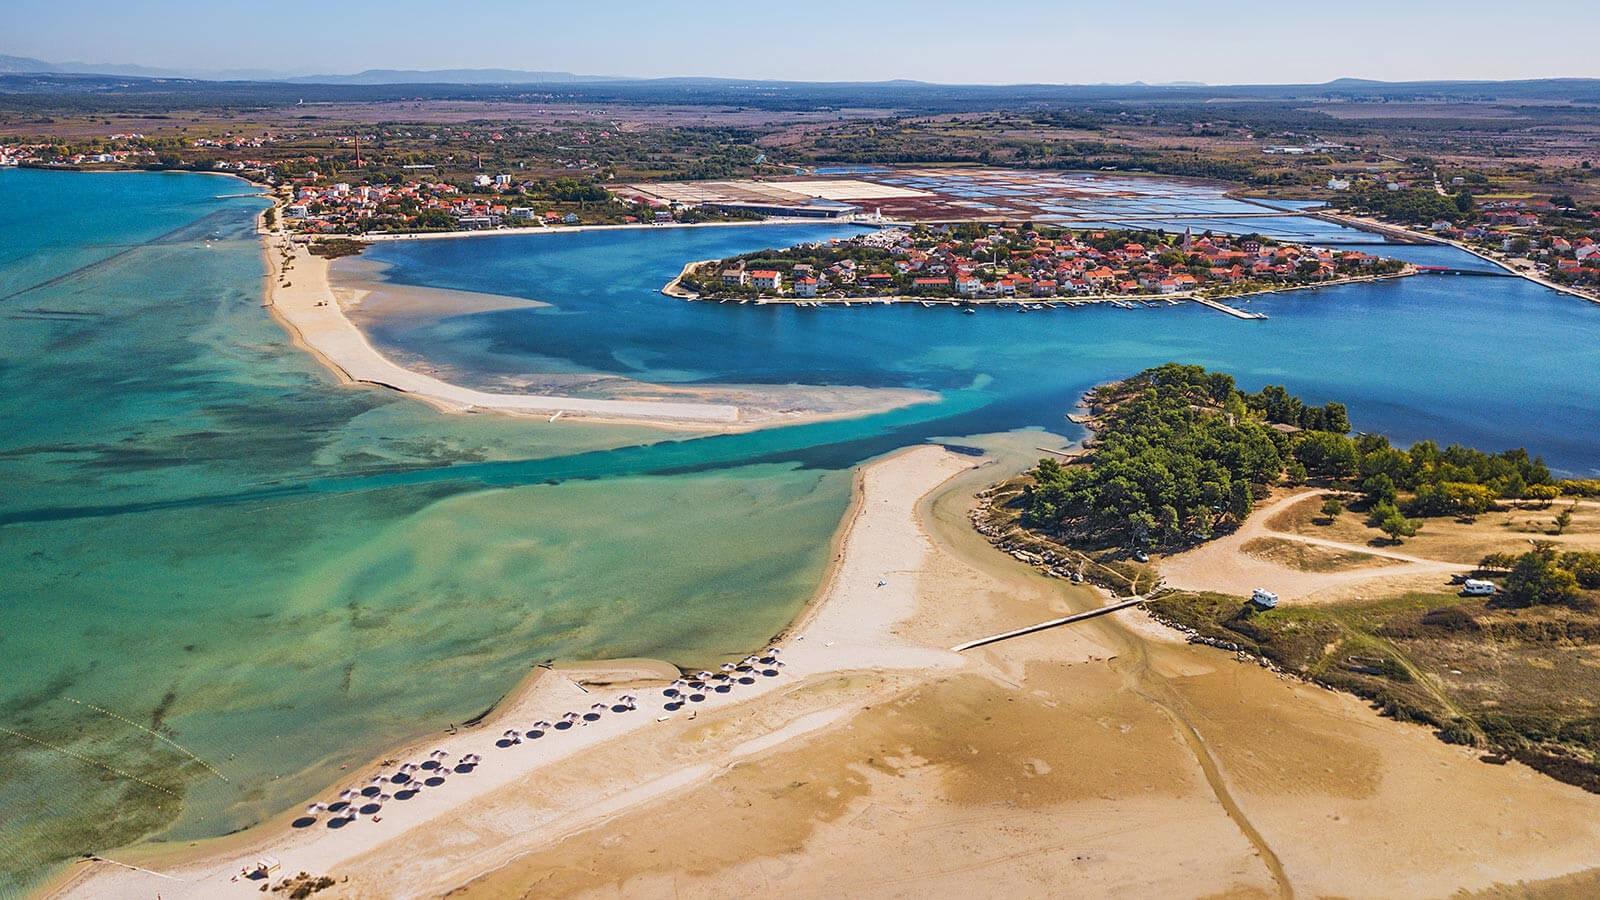 Queen's beach in Nin